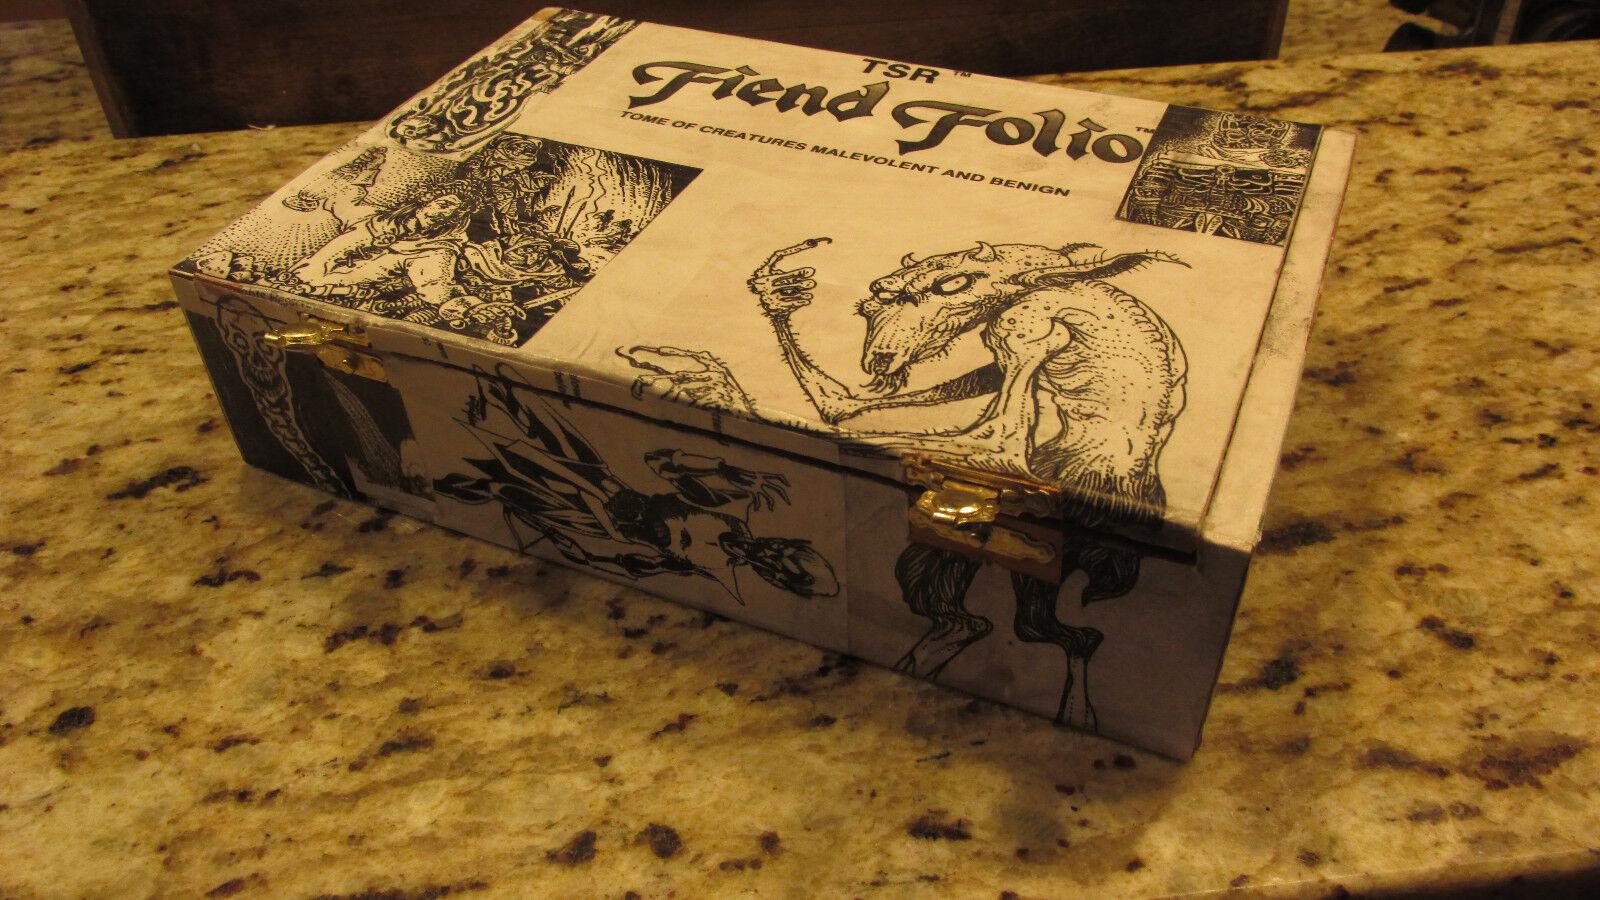 Dungeons and drakes AD &D -tärning låda handgjord Fiend Folio, första upplagan fidge